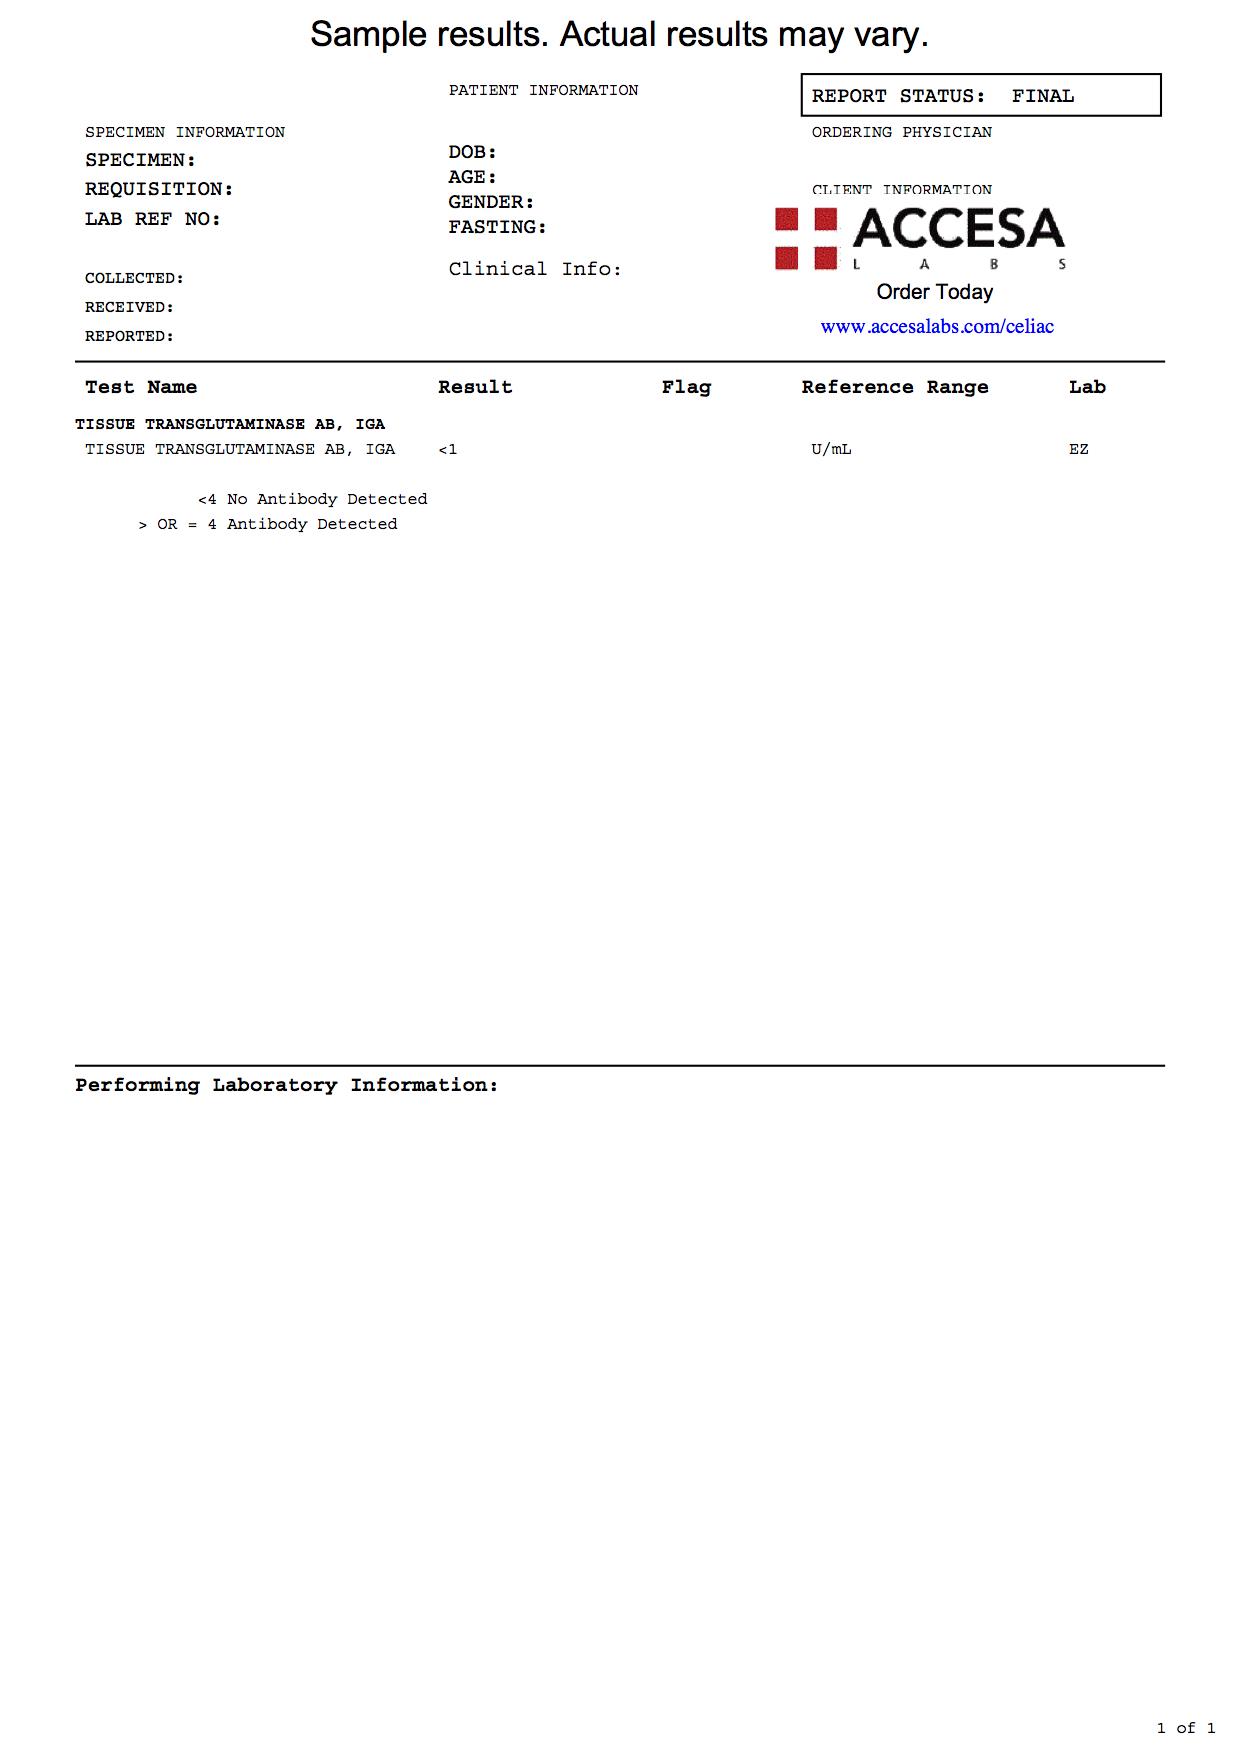 tTG IgA Test Sample Report